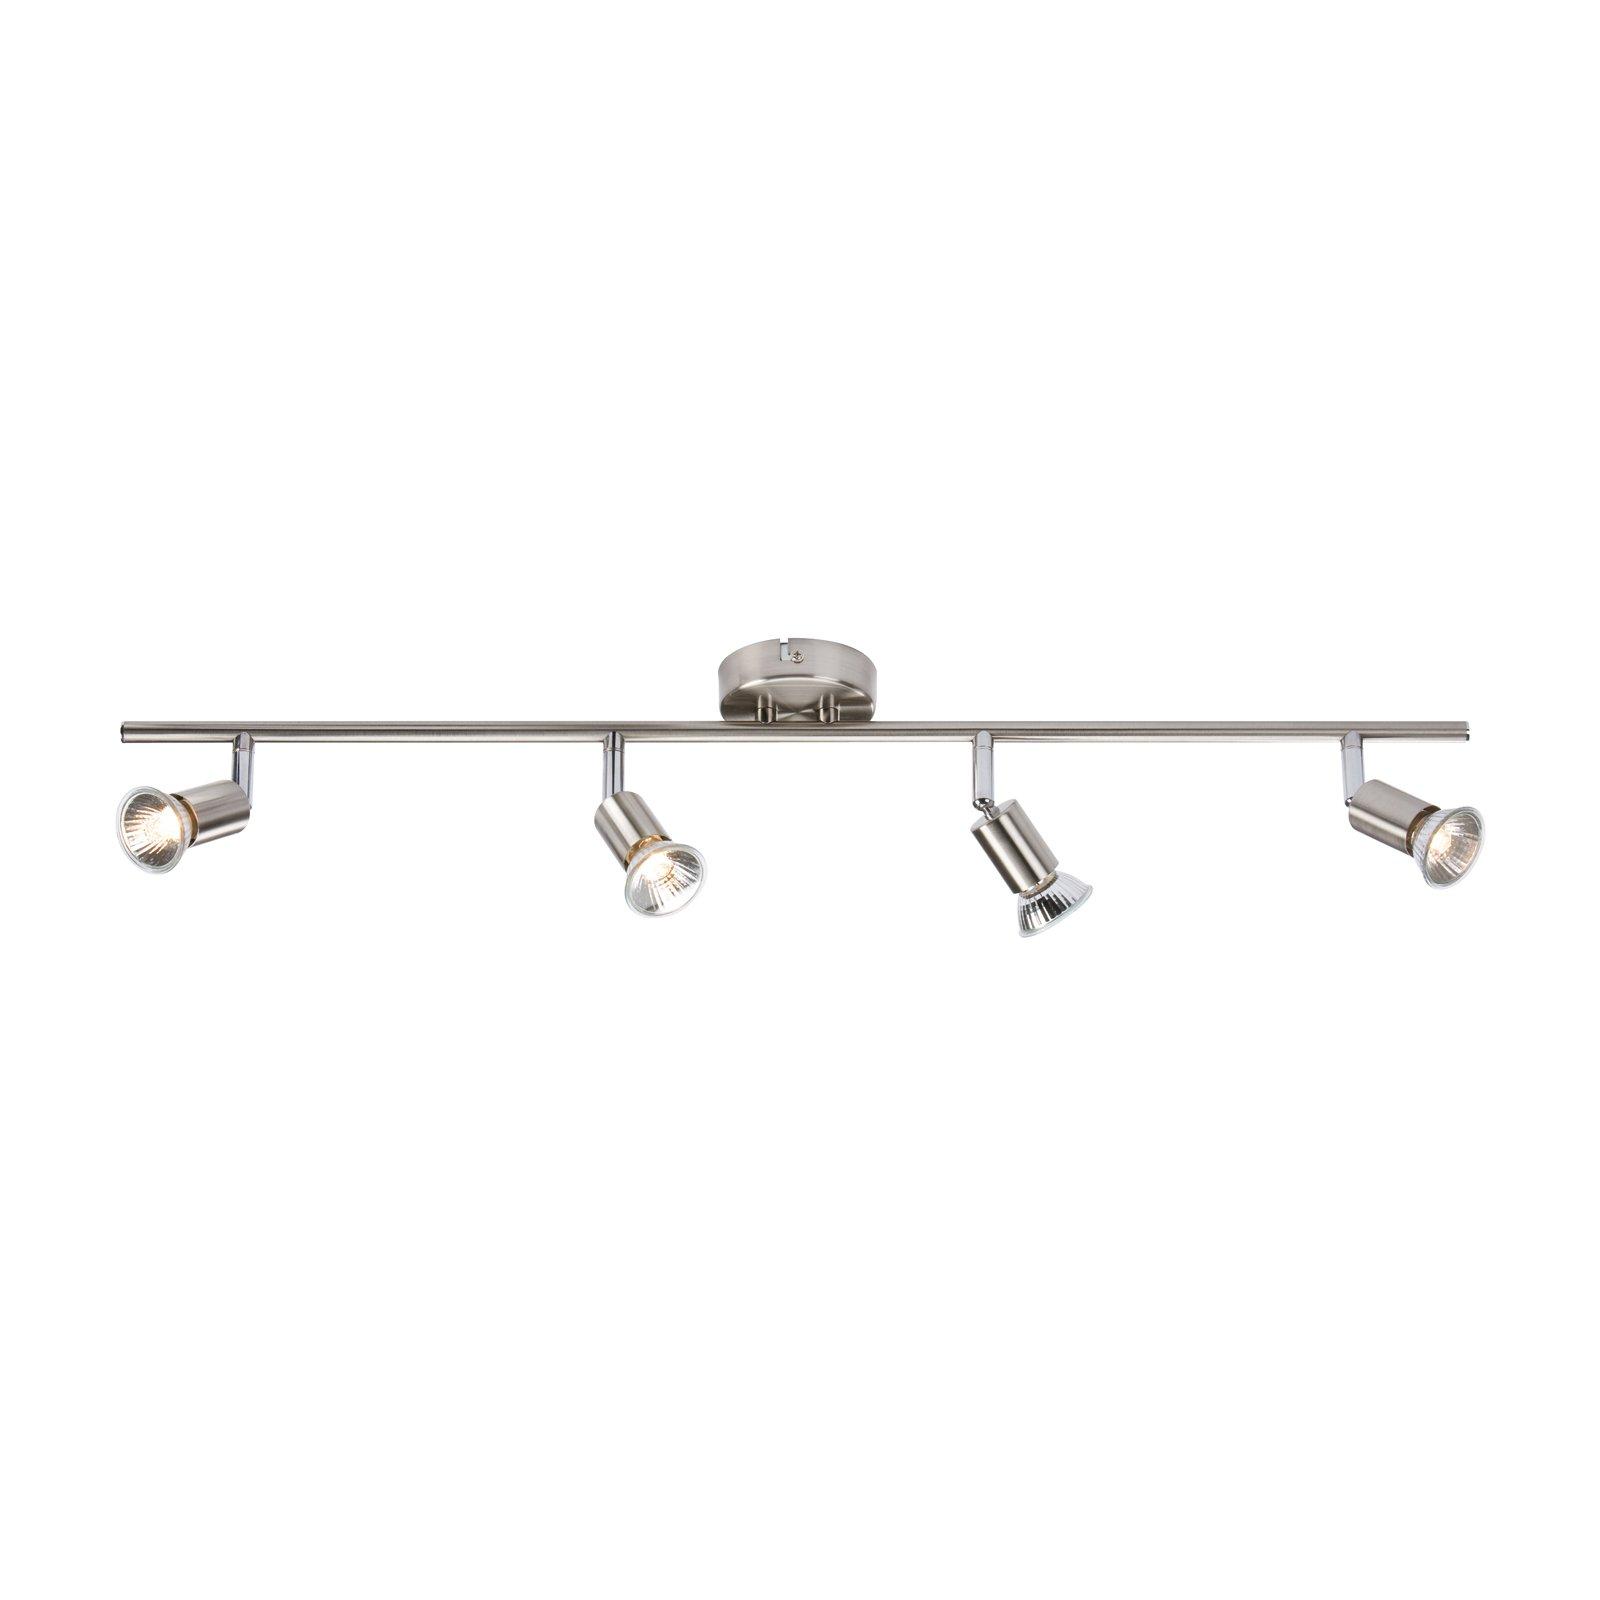 Knightsbridge Ucled13 Led Under Cabinet Striplight Cool White: Kitchen Lights: Amazon.co.uk